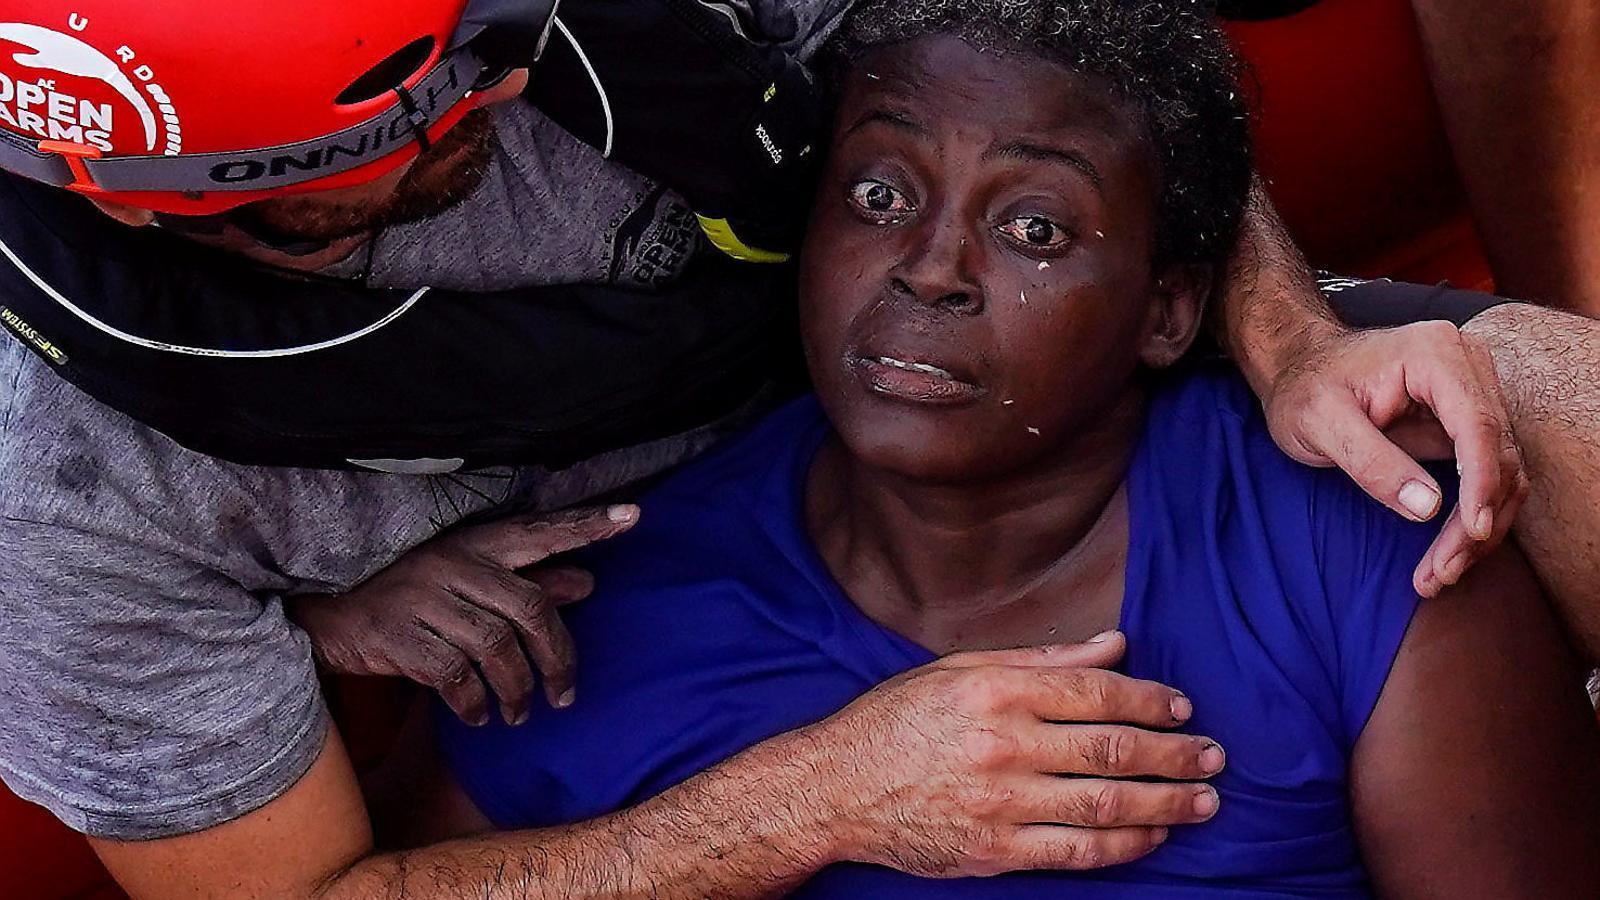 La supervivent de la pastera on van morir una dona i un nen, rescatada per Open Arms.